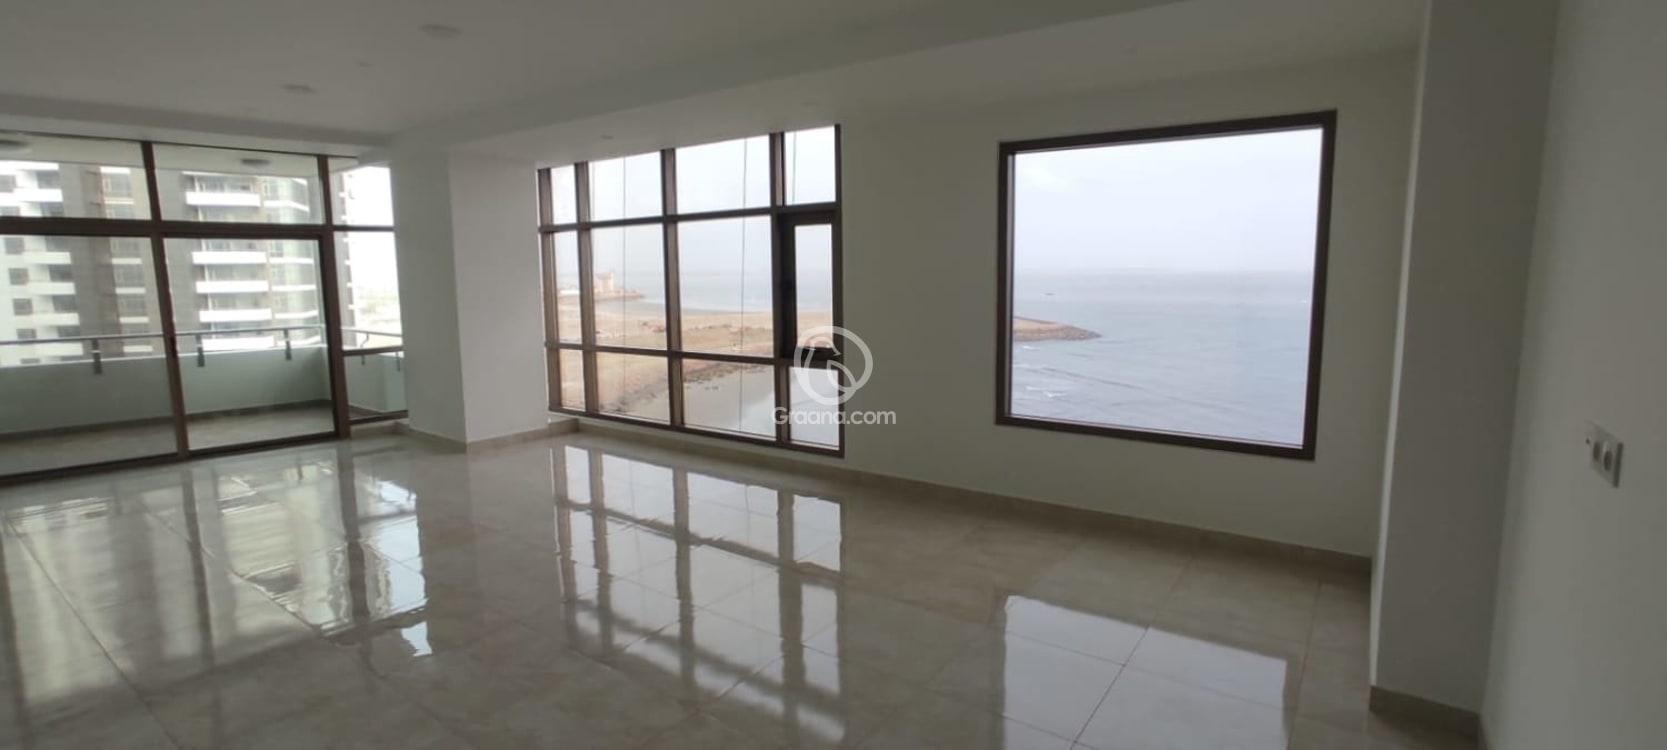 2042 Sqft Apartment for Rent  | Graana.com